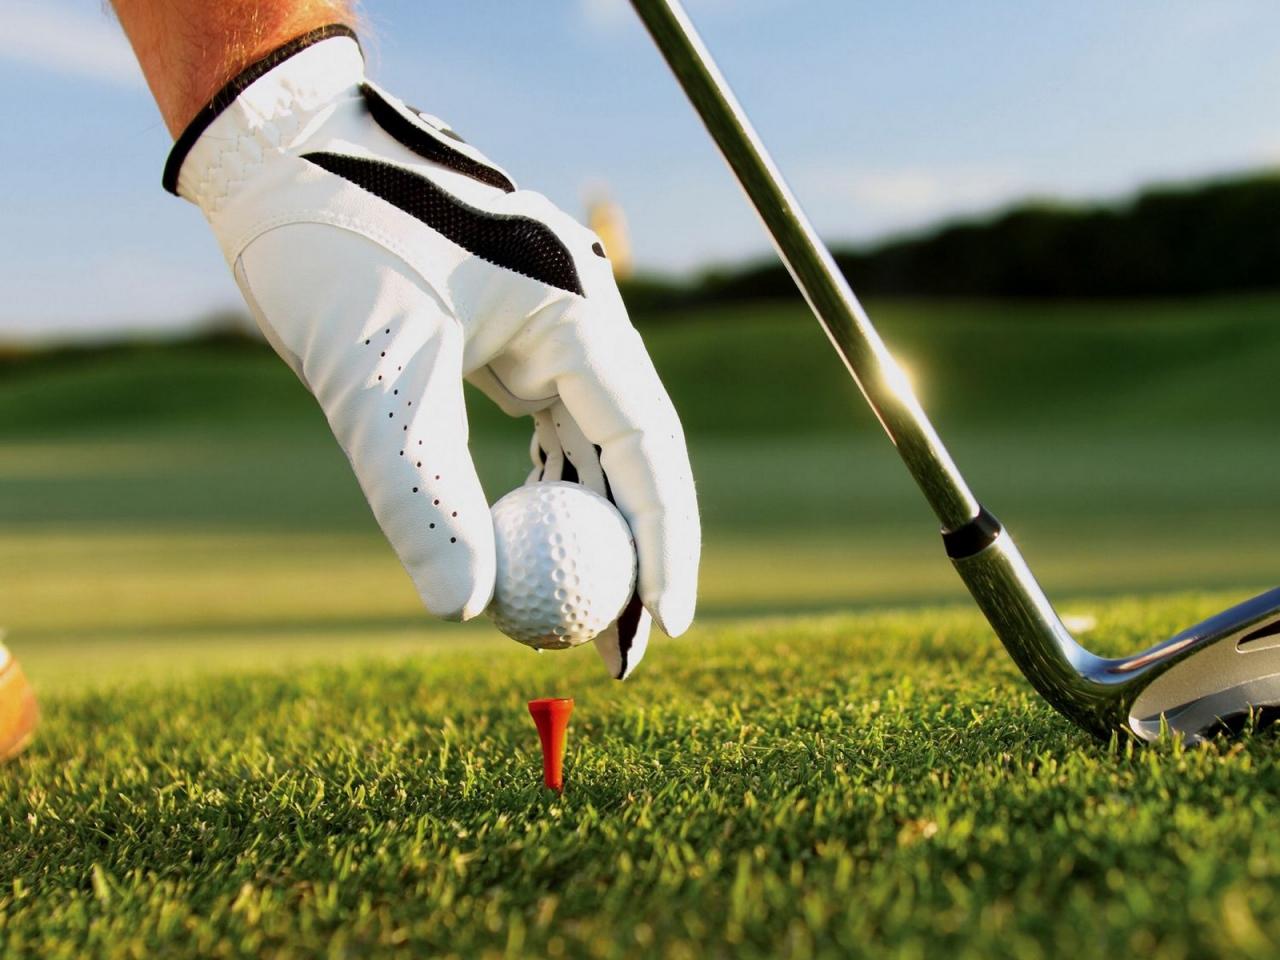 ゴルフを知る!ゴルフというゲームはどういうものか?